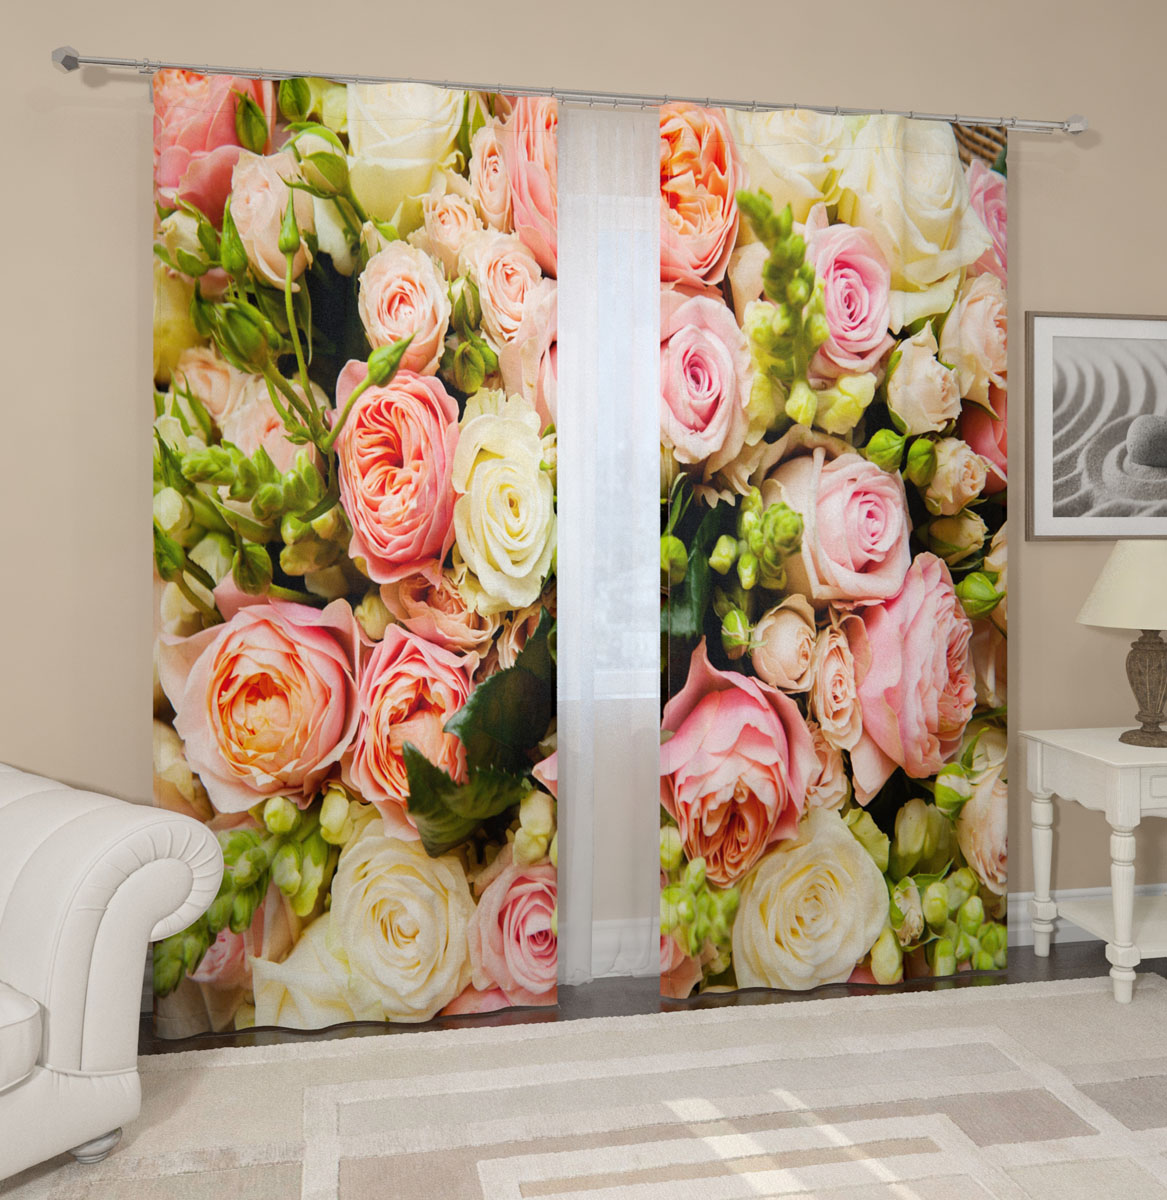 Комплект фотоштор Сирень Букет француских роз, на ленте, высота 260 см фоторамка букет роз на 2 фотографии